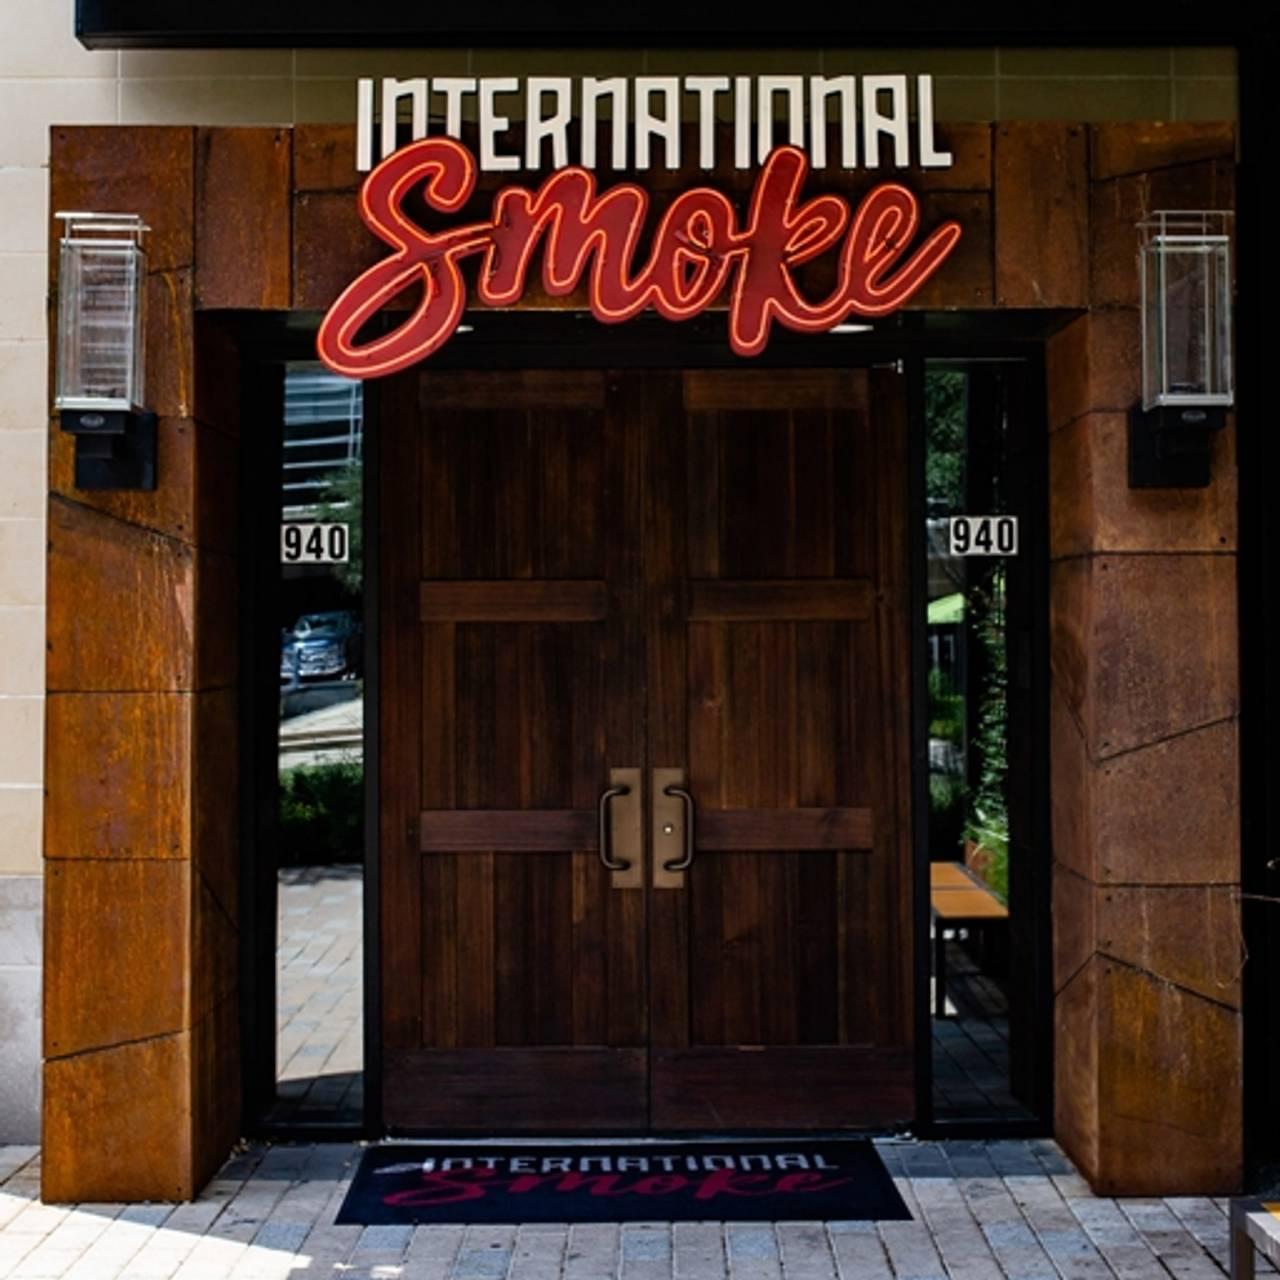 3044984865a8 International Smoke Houston Restaurant - Houston